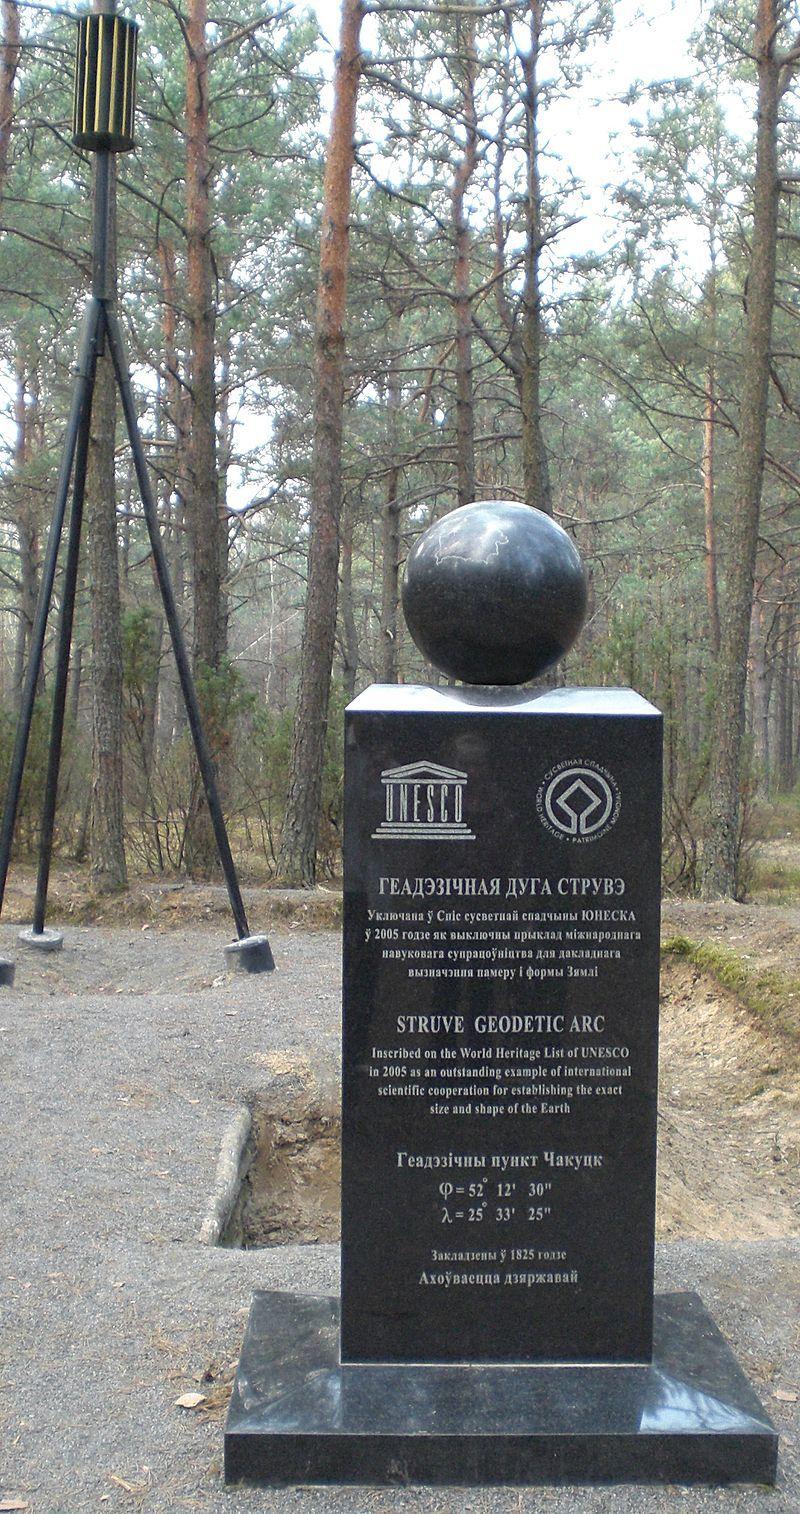 Point Geodesique De Cekuck Arc Geodesique De Struve Inscrit En 2005 Au Patrimoine Mondial De L Unesco En 2020 Patrimoine Mondial Patrimoine Bielorussie